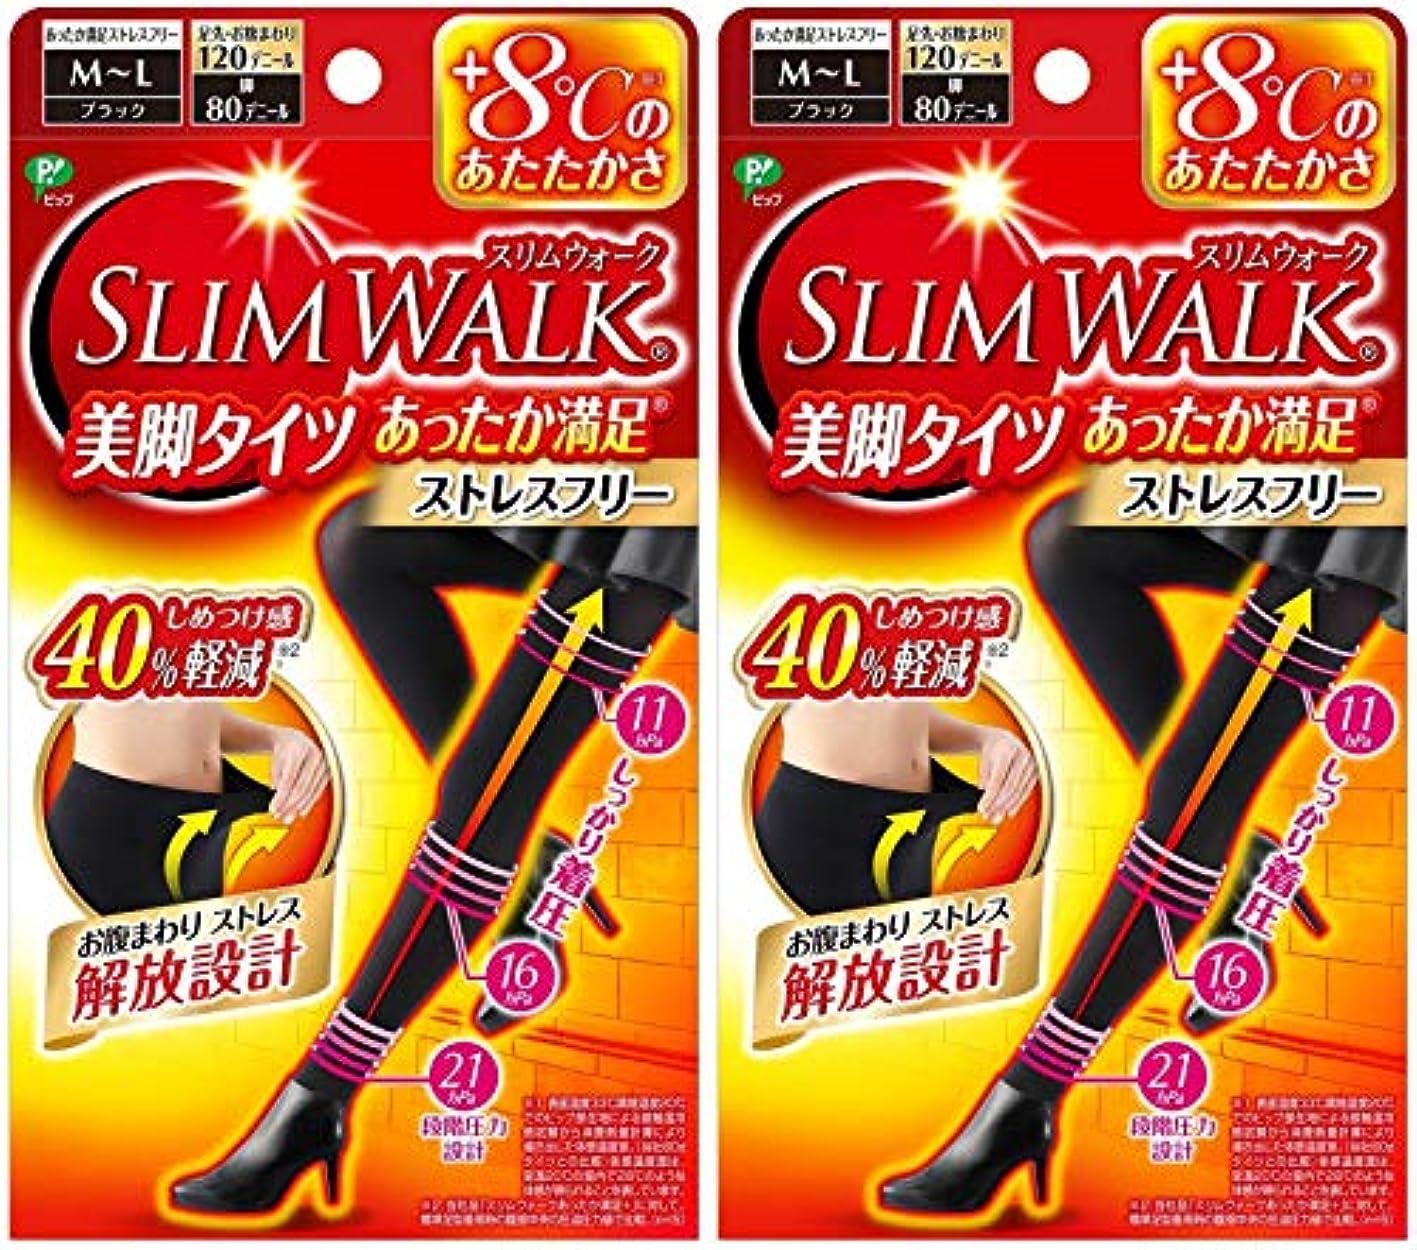 準拠ベーコン告白する【2個セット】 スリムウォーク (SLIM WALK) 美脚タイツ あったか満足 おそと用 M~Lサイズ